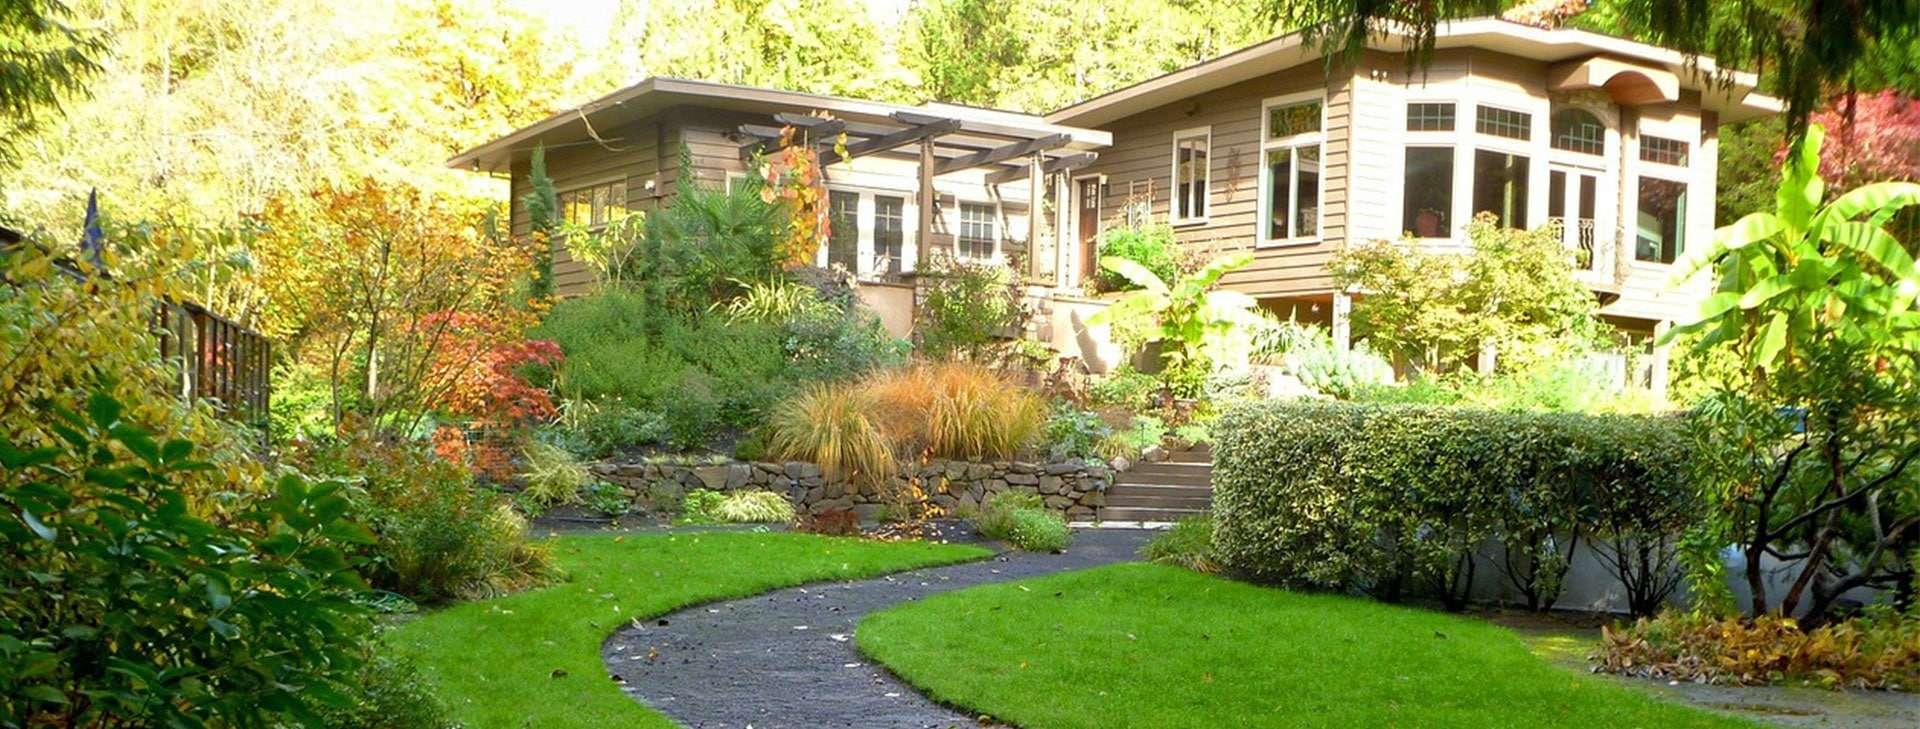 paysagiste capbreton cr ation de jardin dans les landes. Black Bedroom Furniture Sets. Home Design Ideas